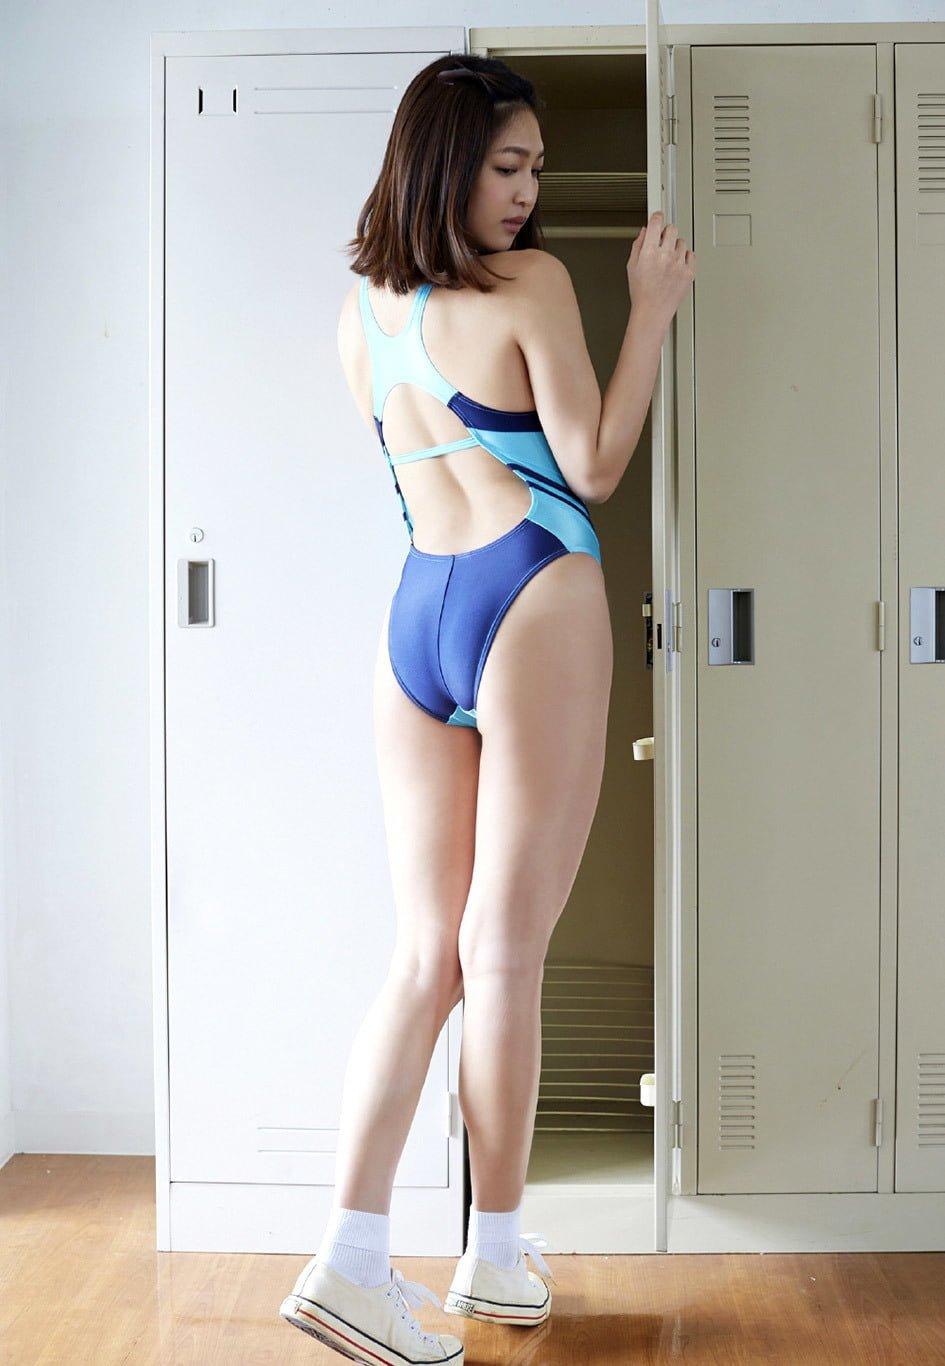 グラビアアイドル写真集|小柳歩ちゃんのまとめ画像パート3 66枚Number201-266